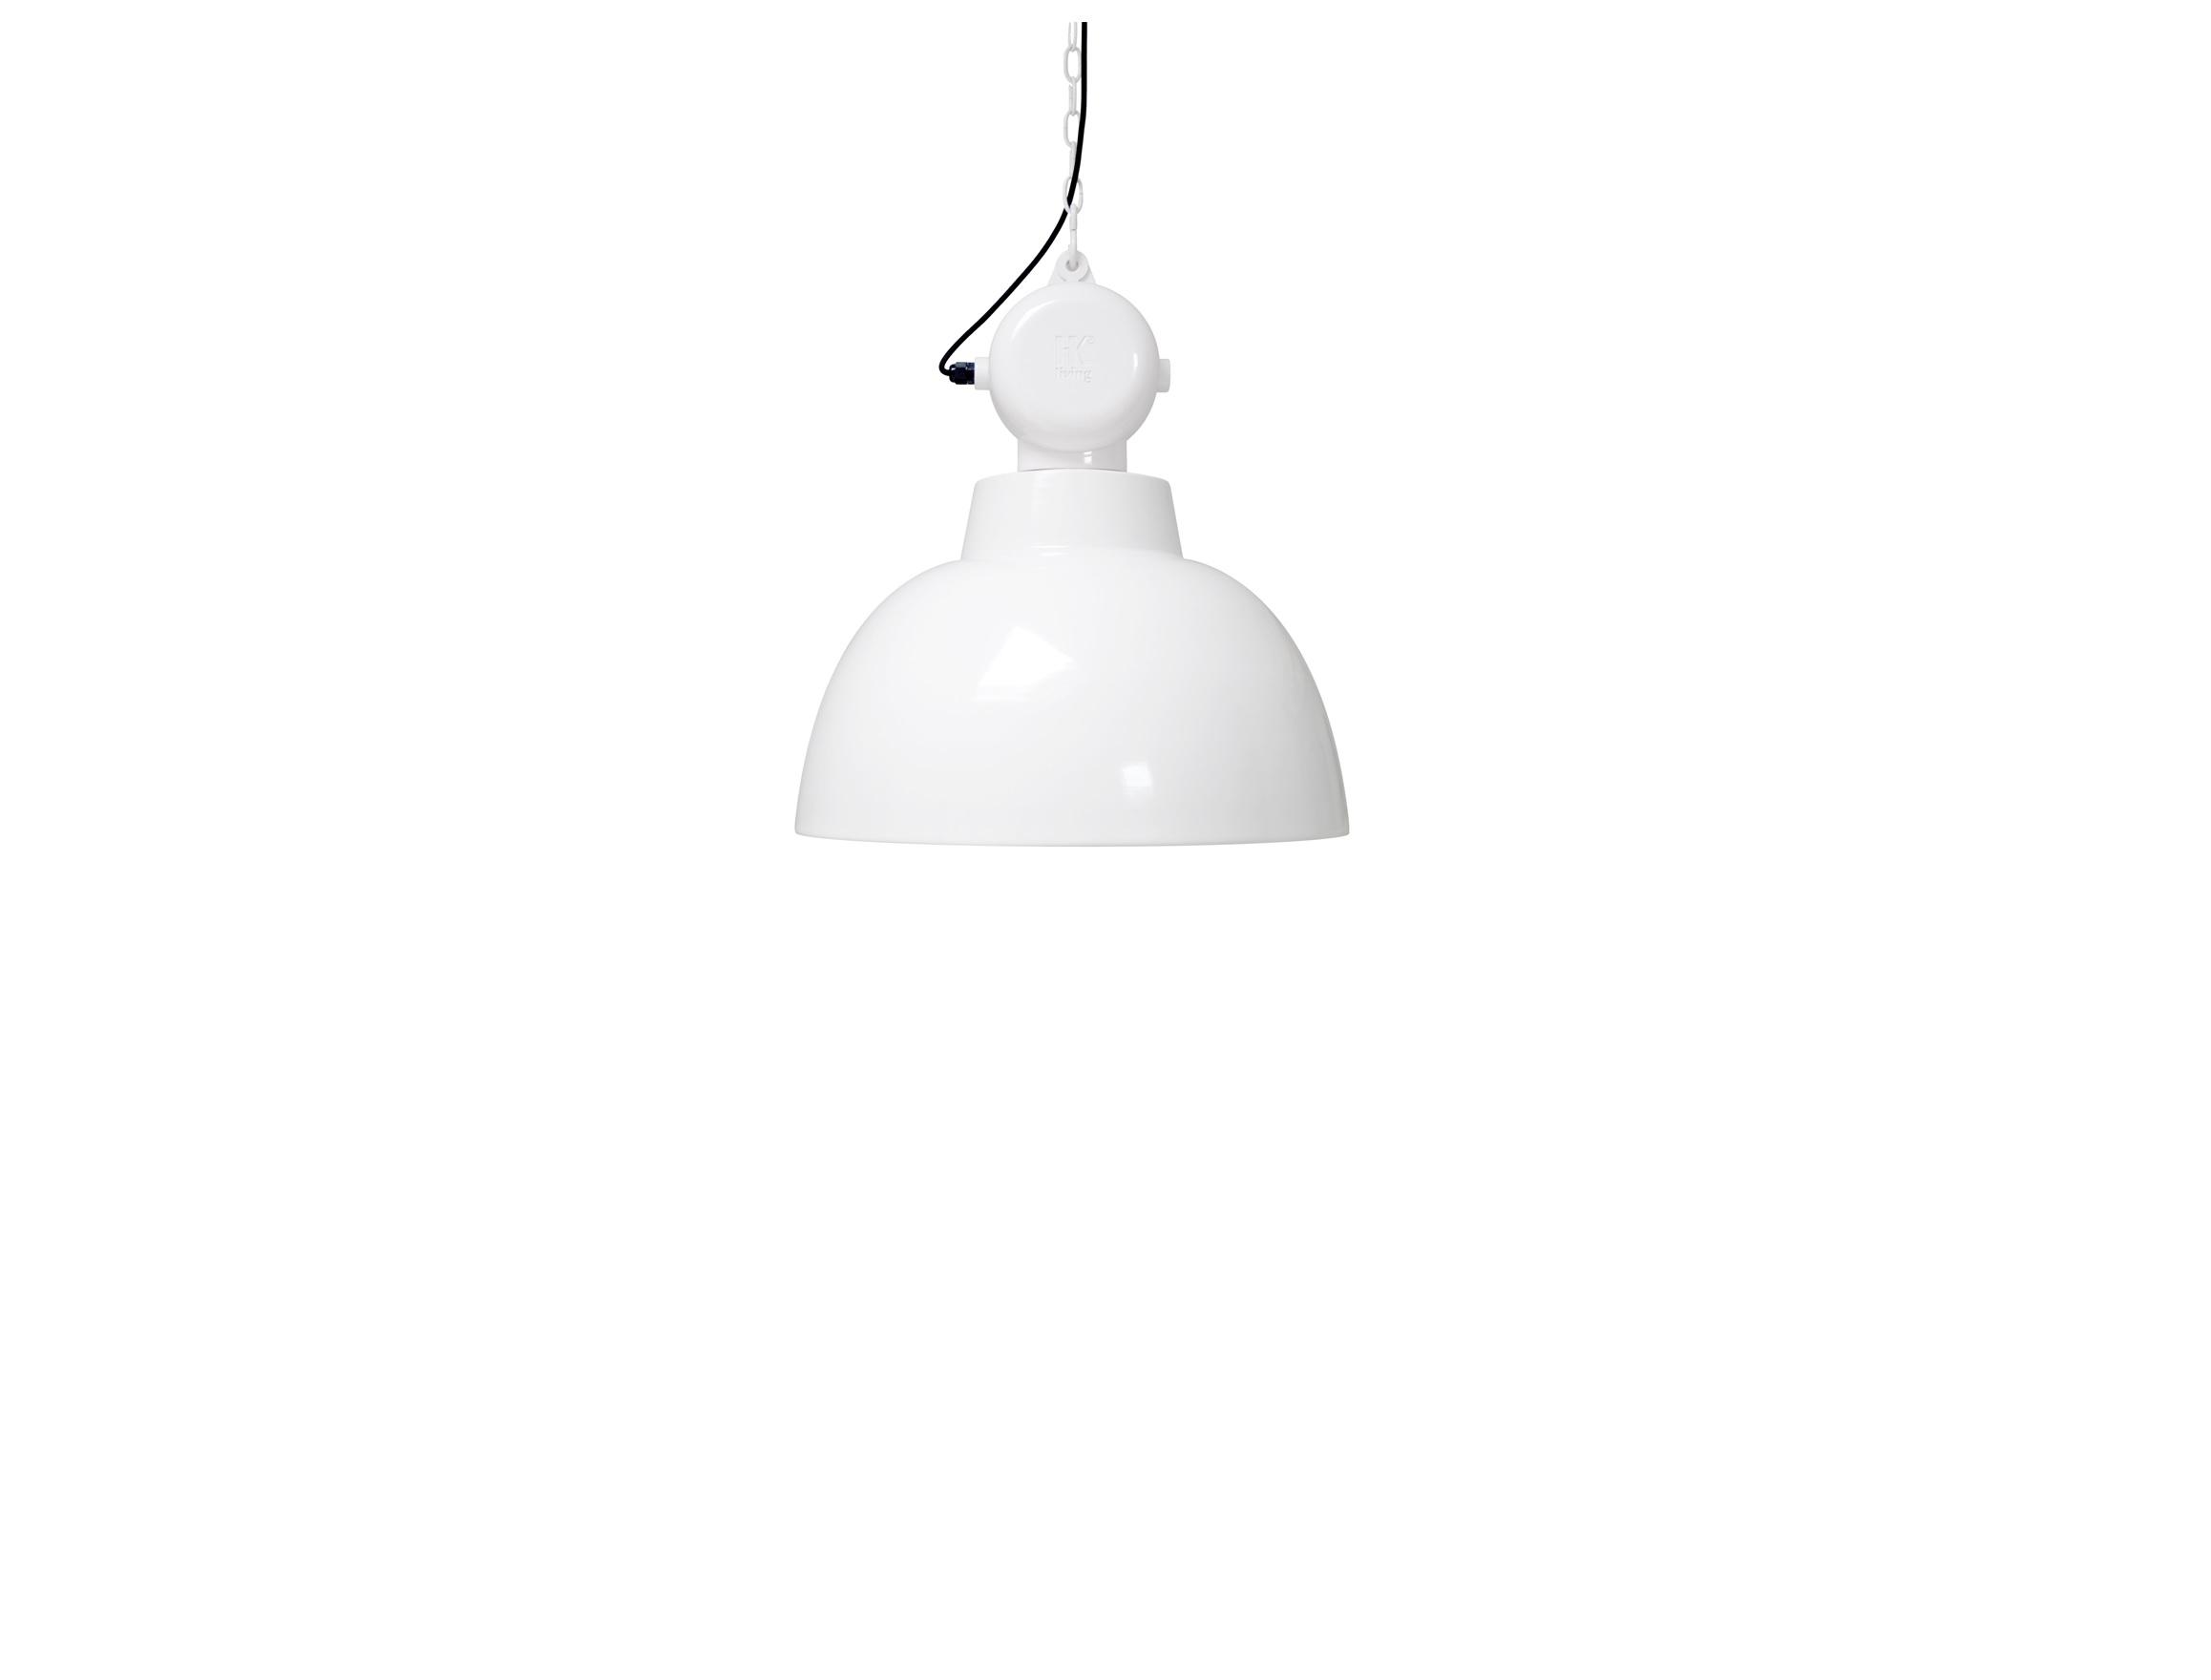 Лампа FACTORYПодвесные светильники<br>Индустриальный светильник в ярком исполнении. Черный шнур + металлическая цепь длиной 2 м.&amp;lt;div&amp;gt;&amp;lt;br&amp;gt;&amp;lt;/div&amp;gt;&amp;lt;div&amp;gt;Вид цоколя: Е27&amp;lt;/div&amp;gt;&amp;lt;div&amp;gt;Мощность: 60W&amp;lt;/div&amp;gt;&amp;lt;div&amp;gt;Количество ламп: 1&amp;lt;/div&amp;gt;<br><br>Material: Металл<br>Высота см: 55